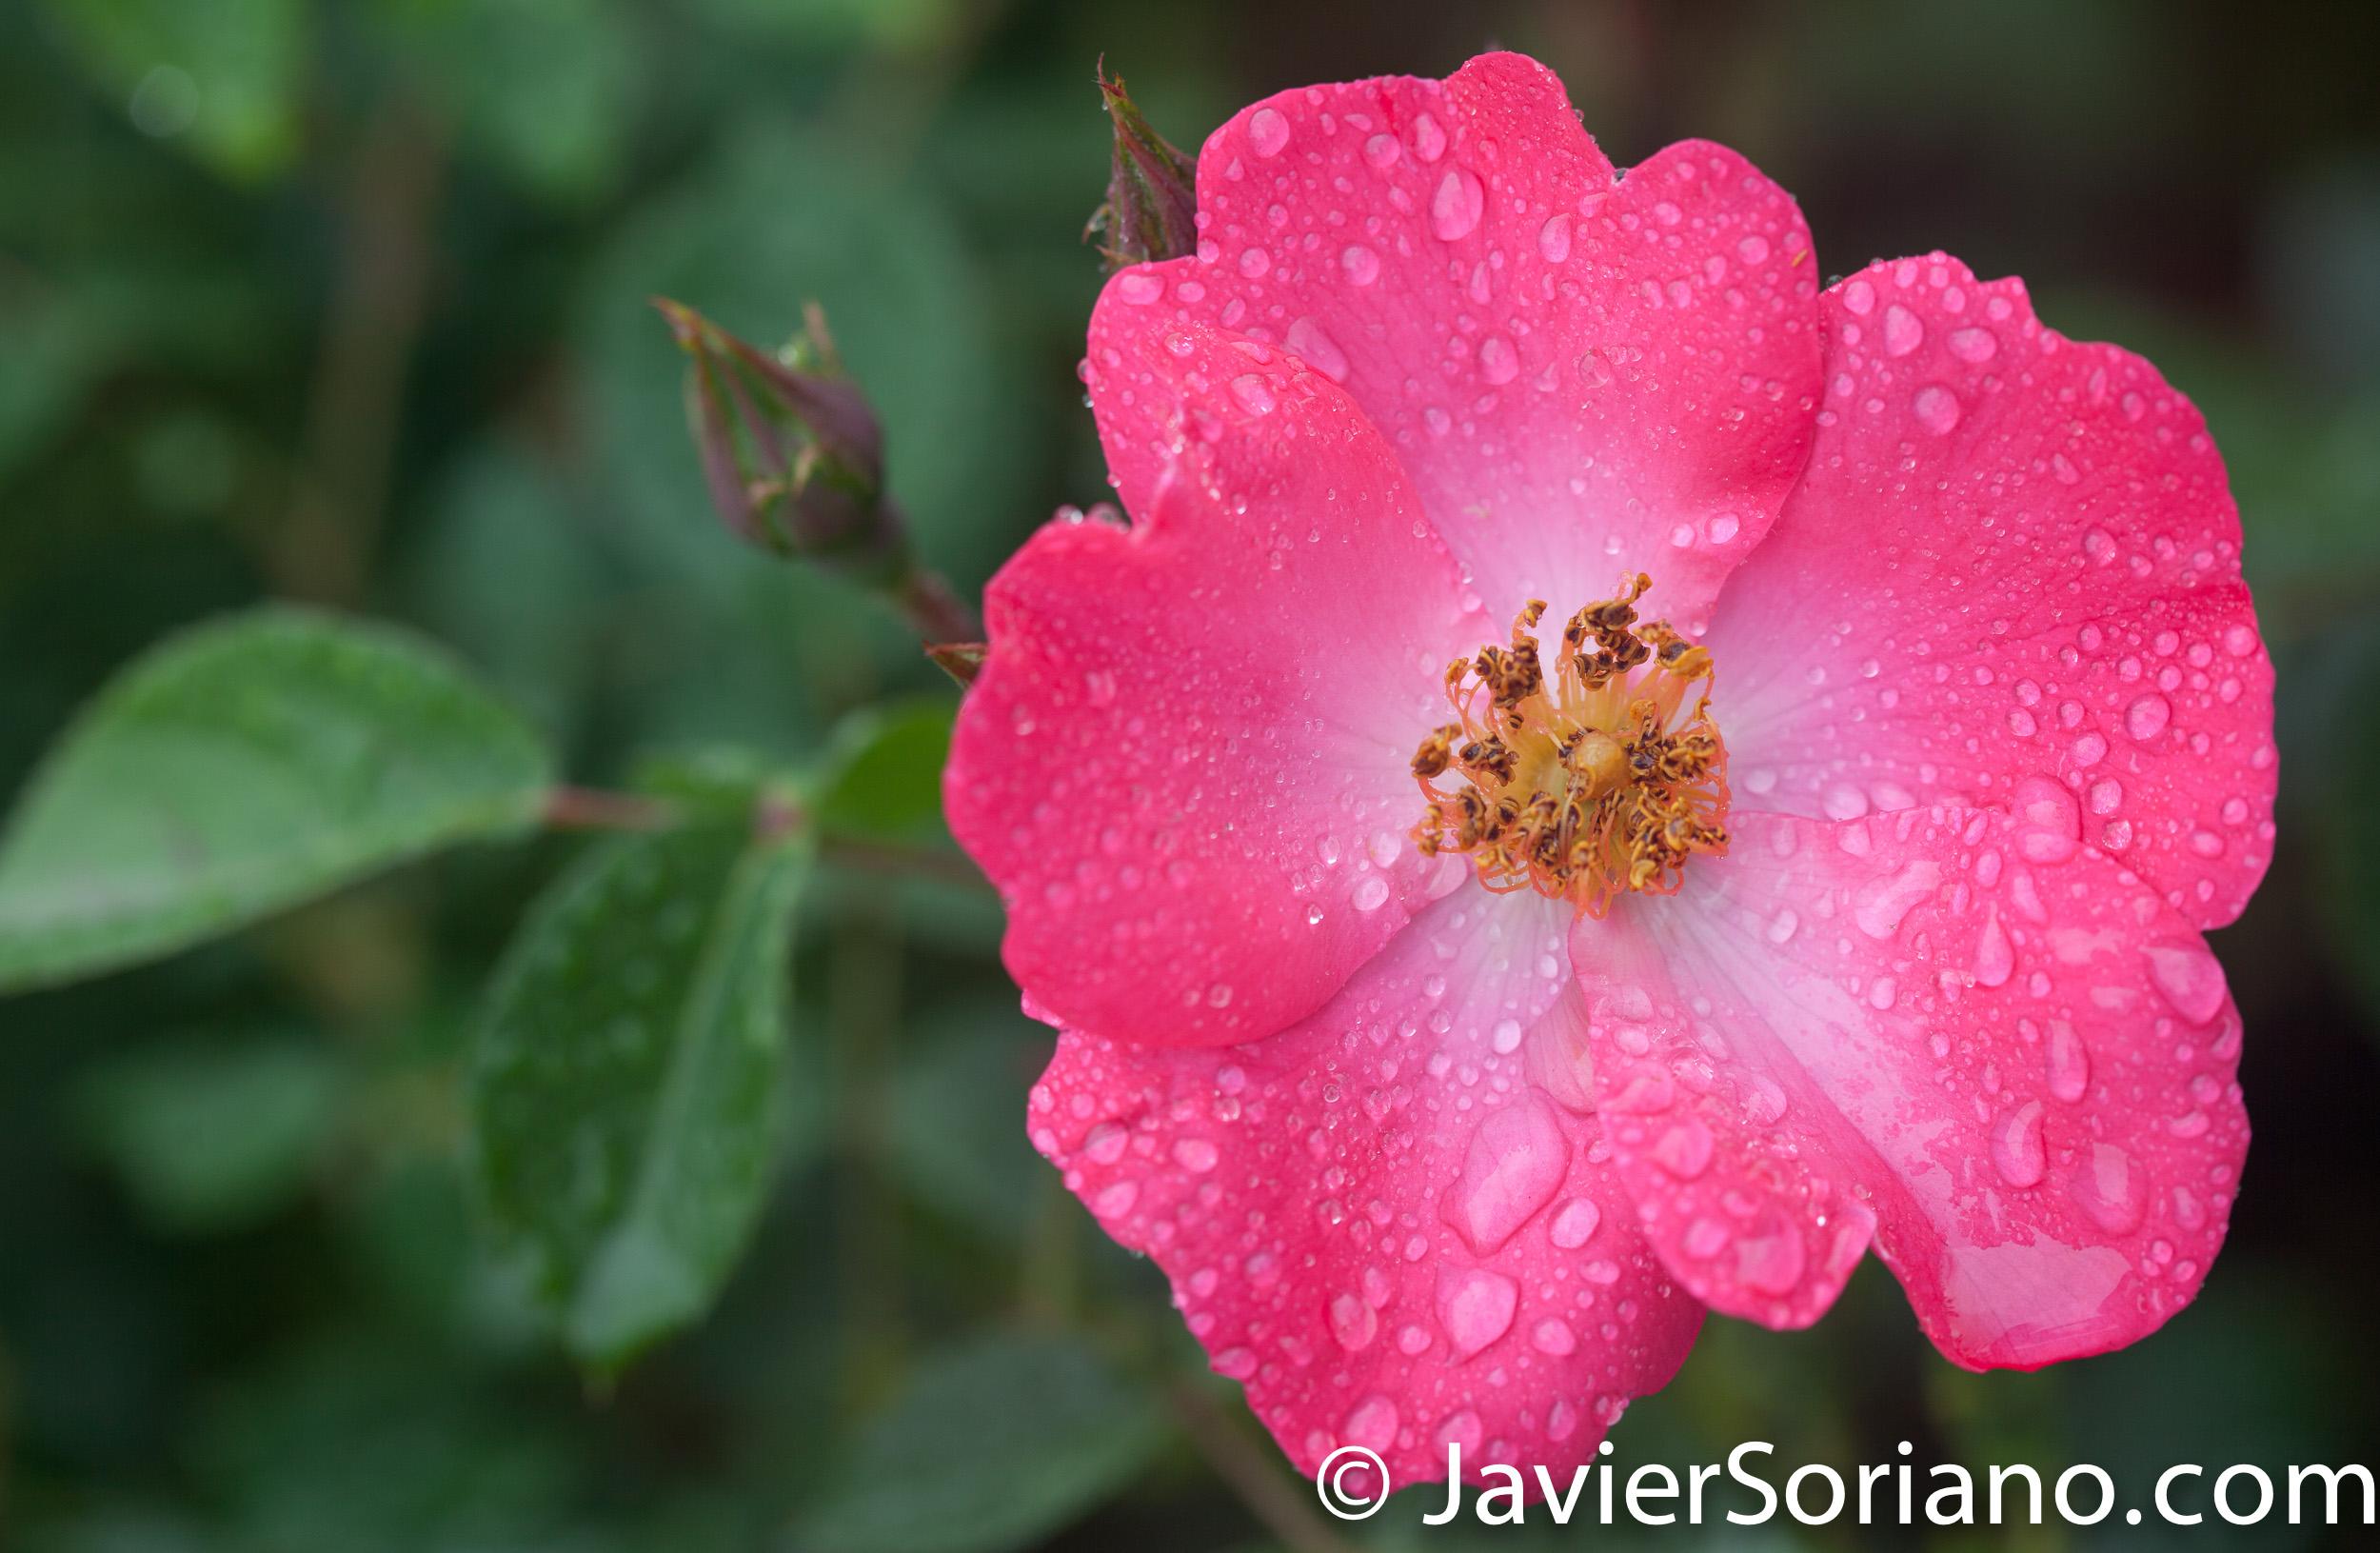 6/6/2017 NYC – A pink rose at the Brooklyn Botanic Garden. Rosa rosada en el Jardín Botánico de Brooklyn. Photo by Javier Soriano/www.JavierSoriano.com